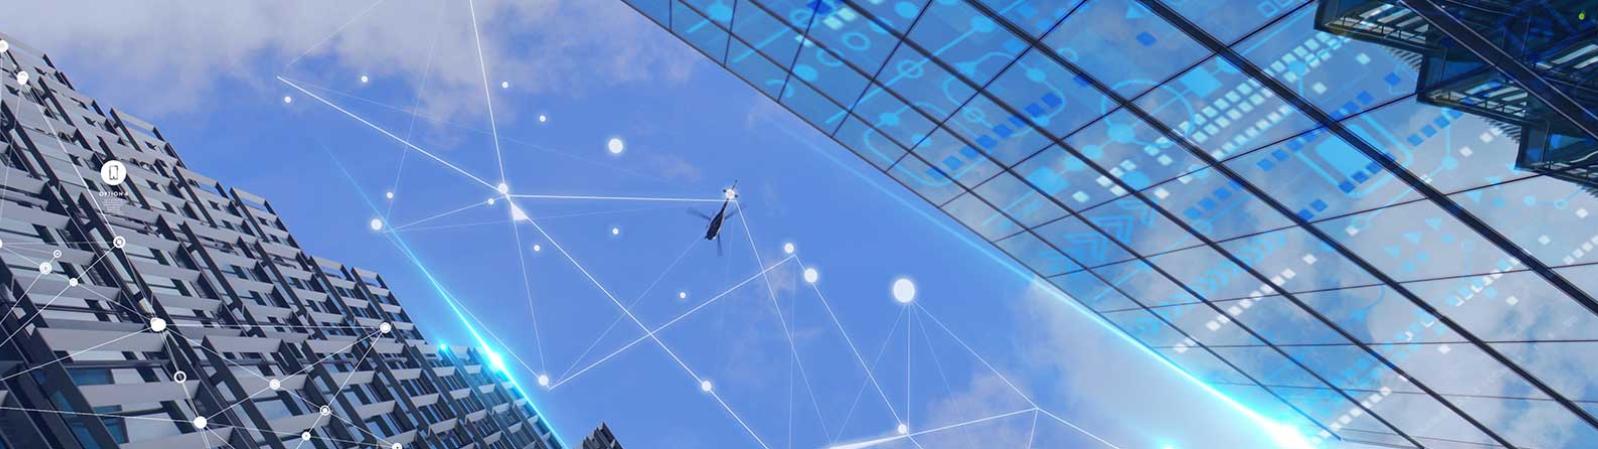 识别创造未来 威富视界将亮相2019深圳国际智能交通展